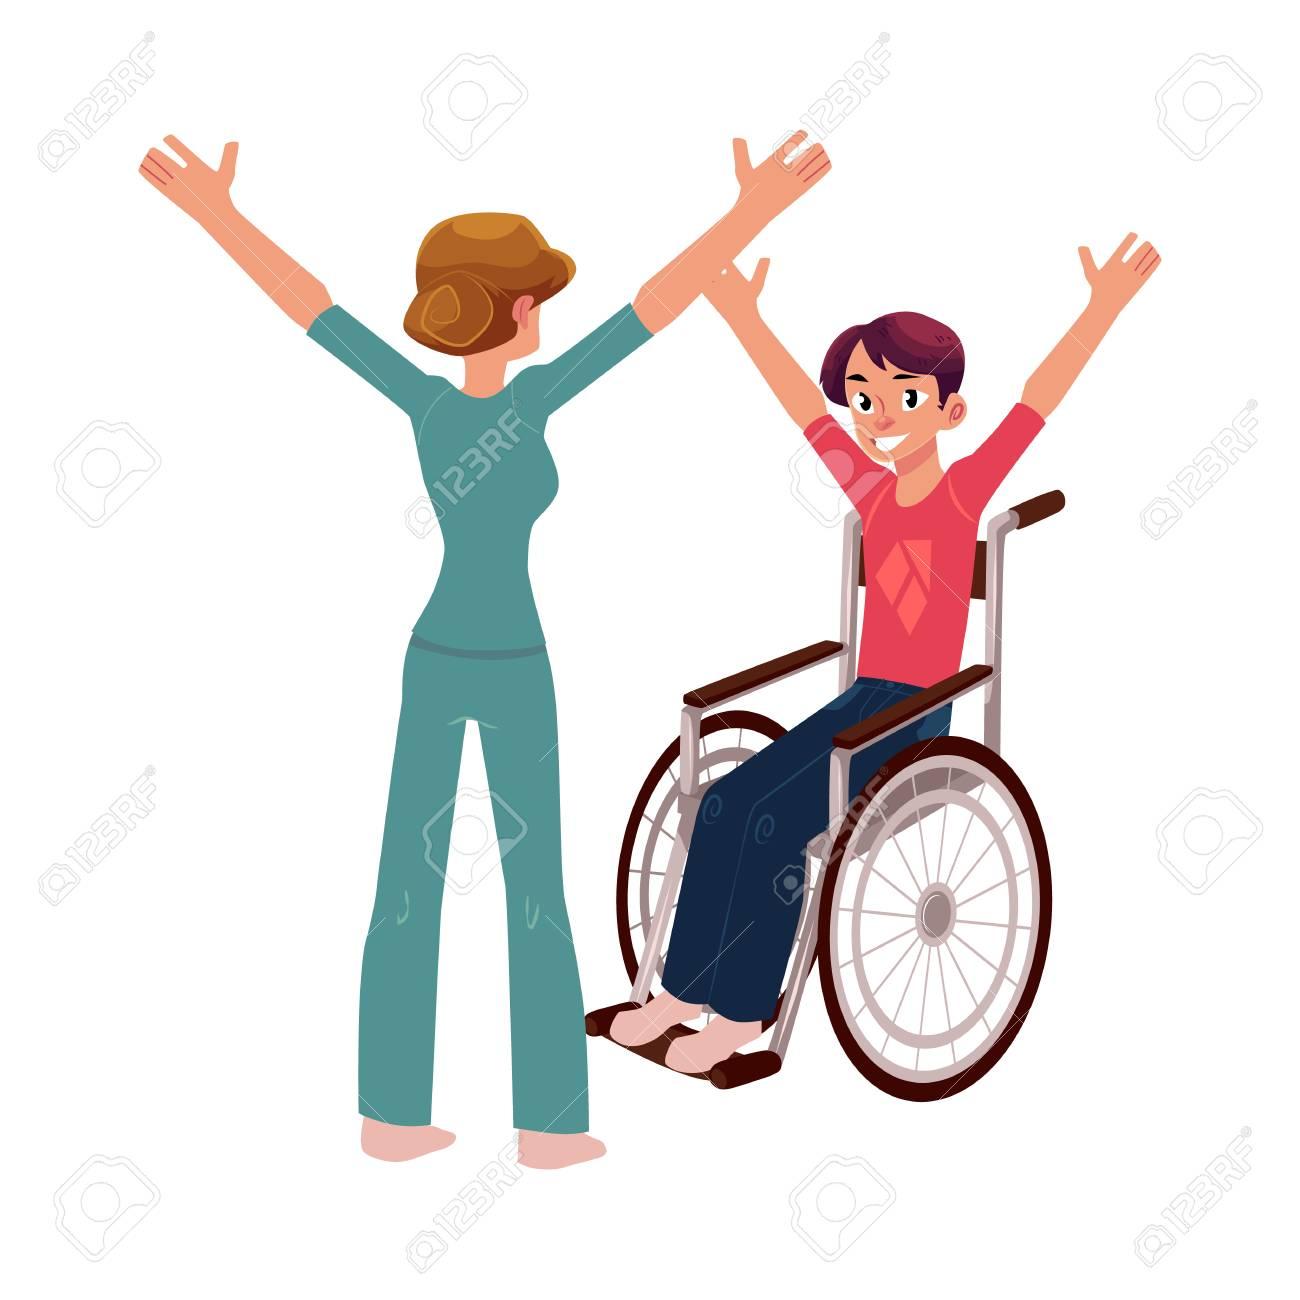 医学的リハビリテーション車椅子の若い人と改善体操療法士漫画の白い